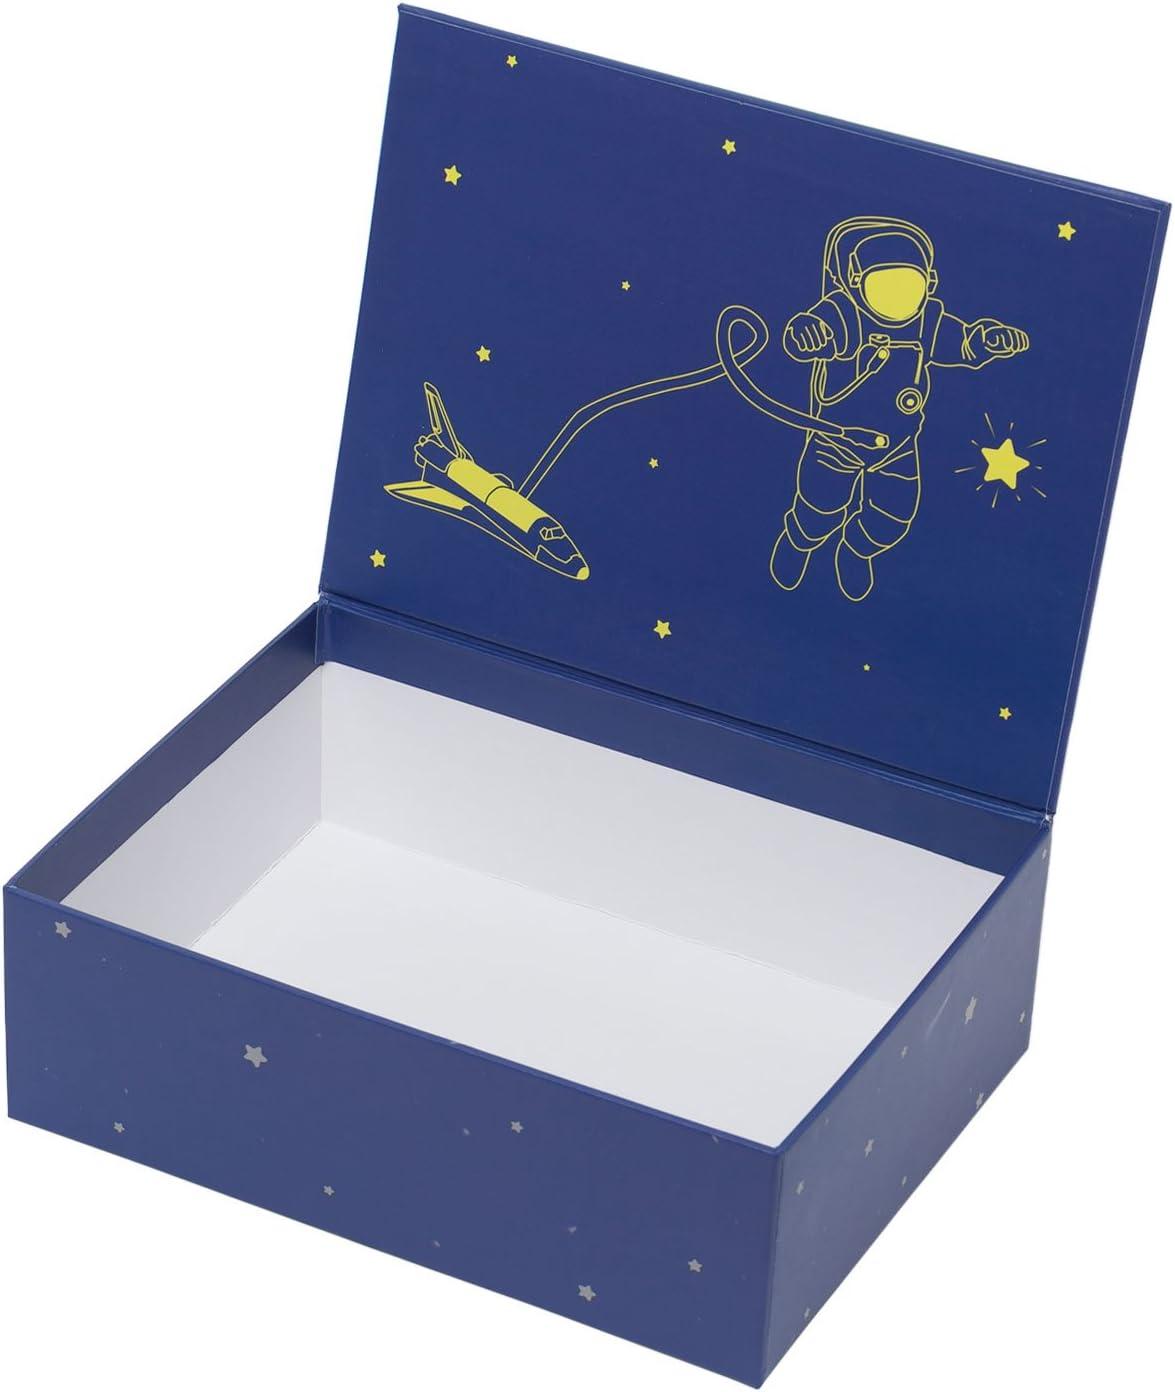 Creibo CBOX002 - Caja Cartón Decorada Estrellas: Amazon.es: Hogar